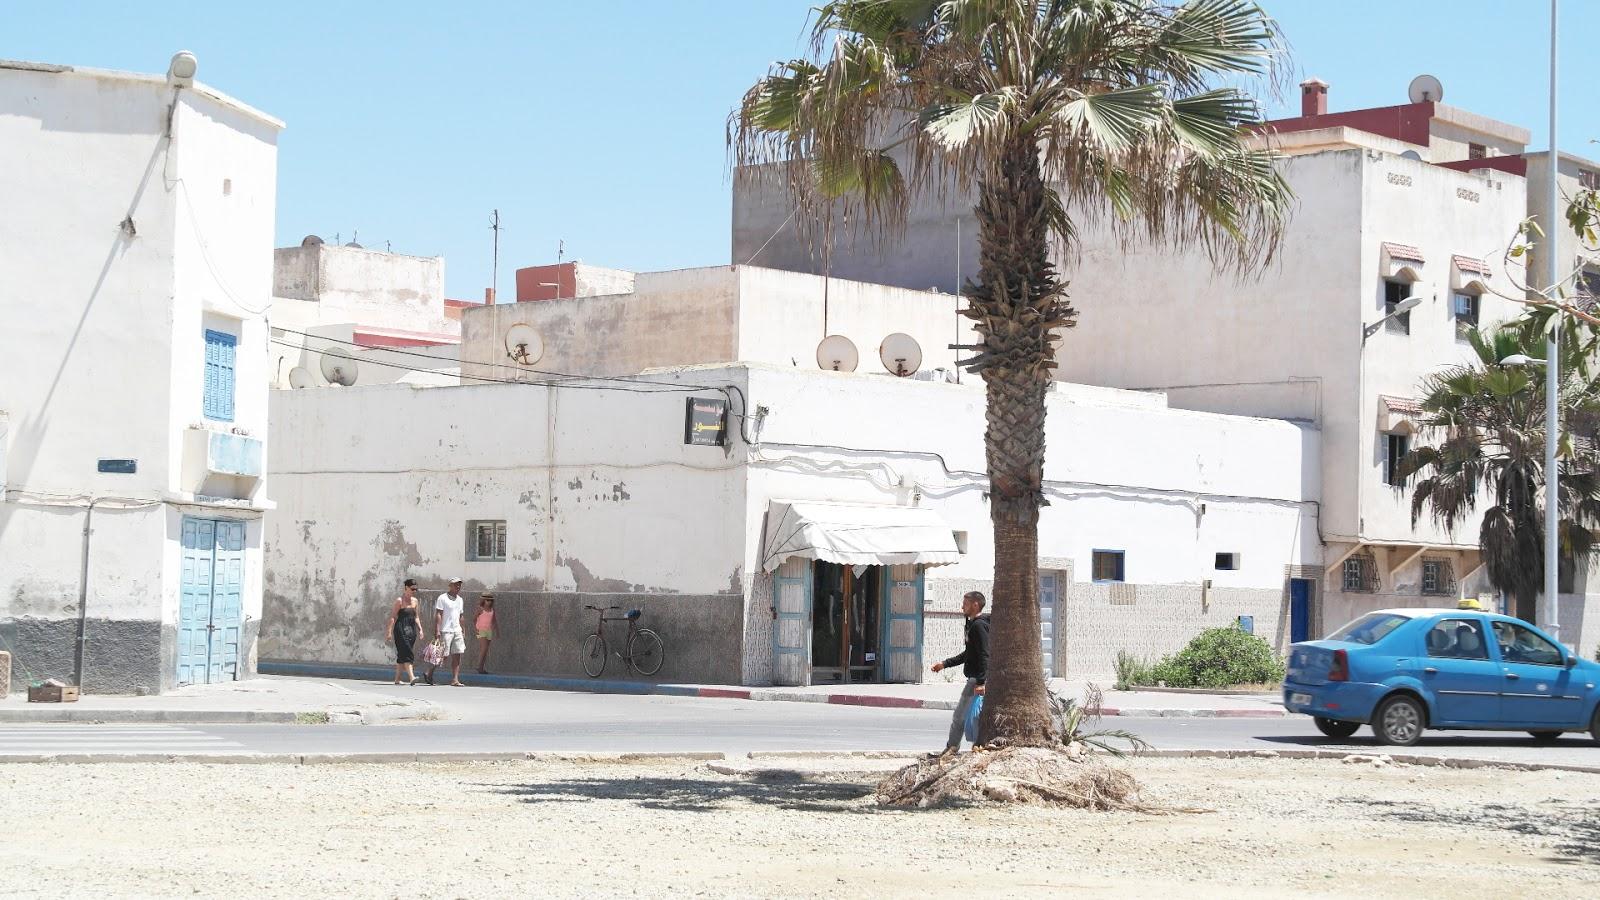 Day in Essaouira